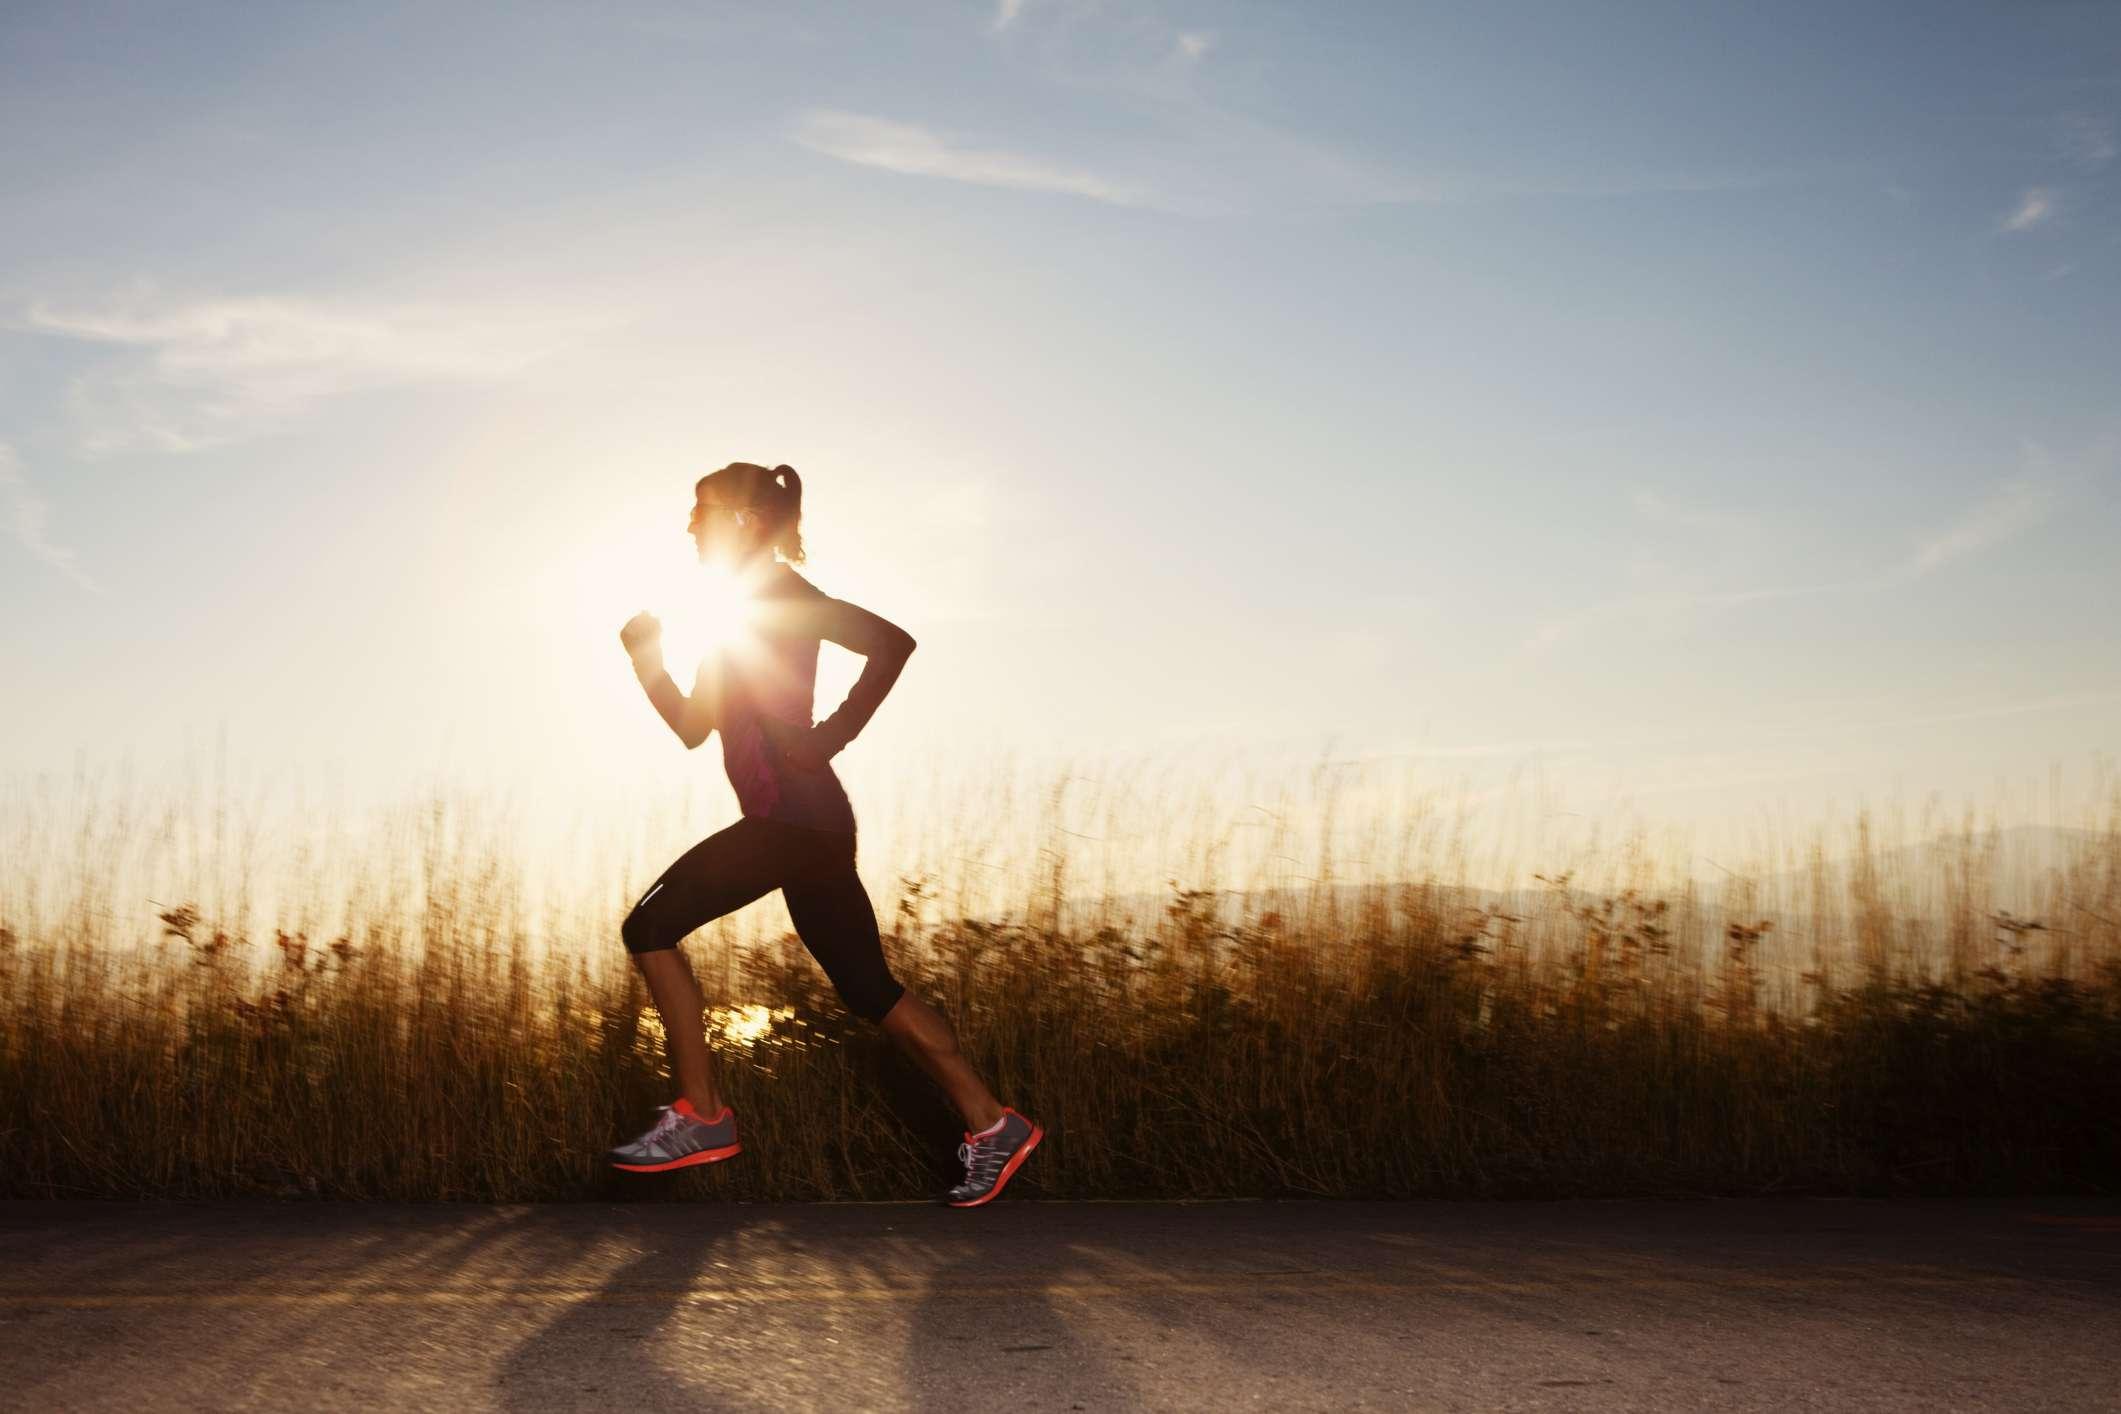 Running in sunlight